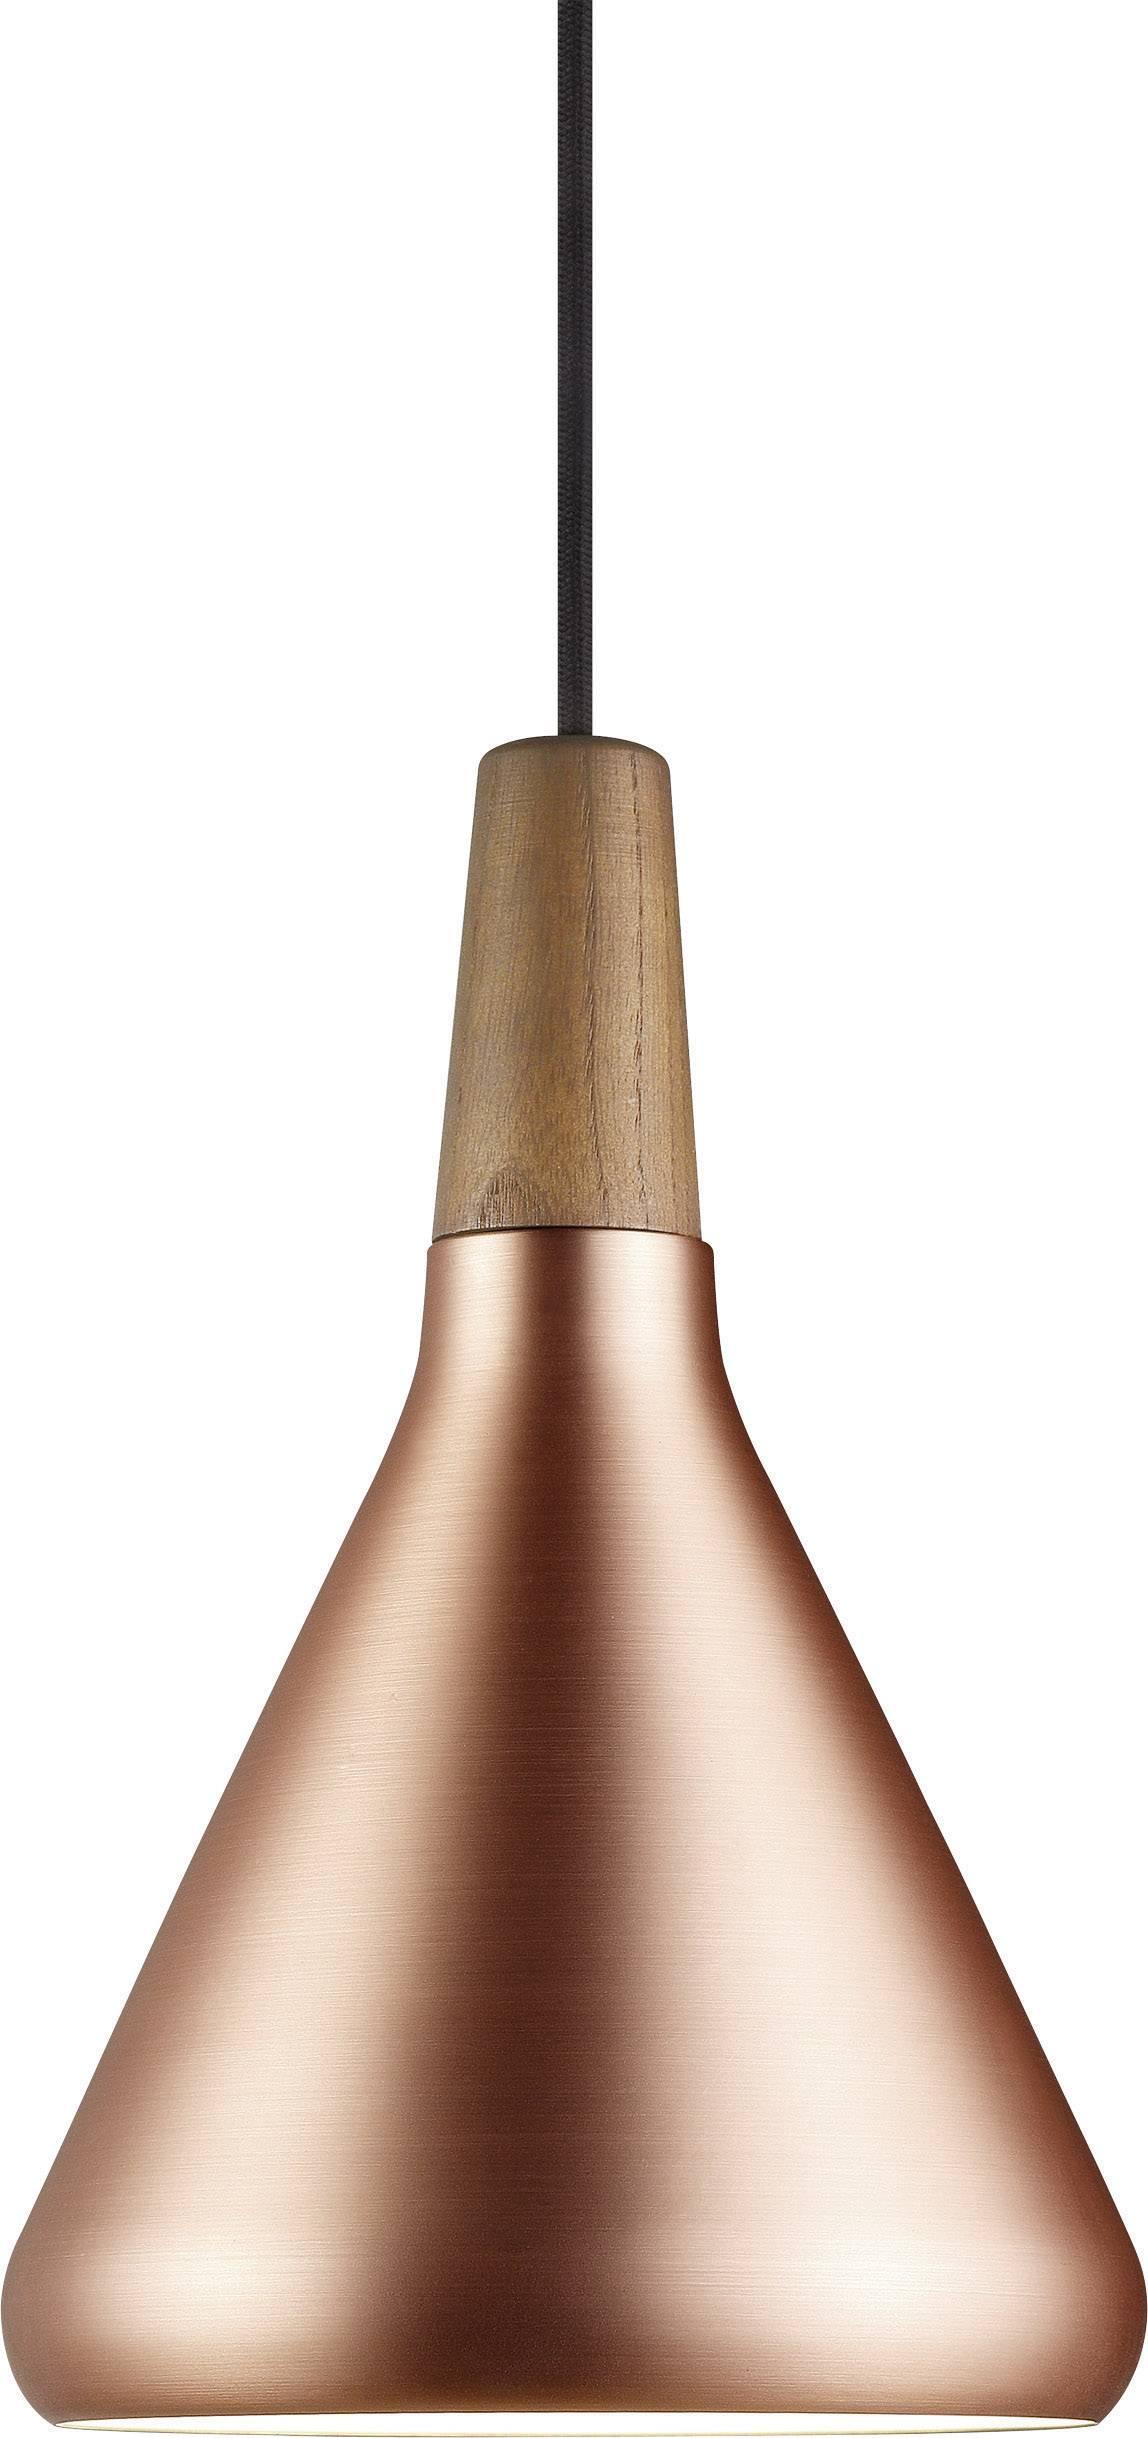 Závěsné svítidlo Nordlux Float 18, 78203030, 60 W, E27, Ø 18 cm, 27 cm, měď